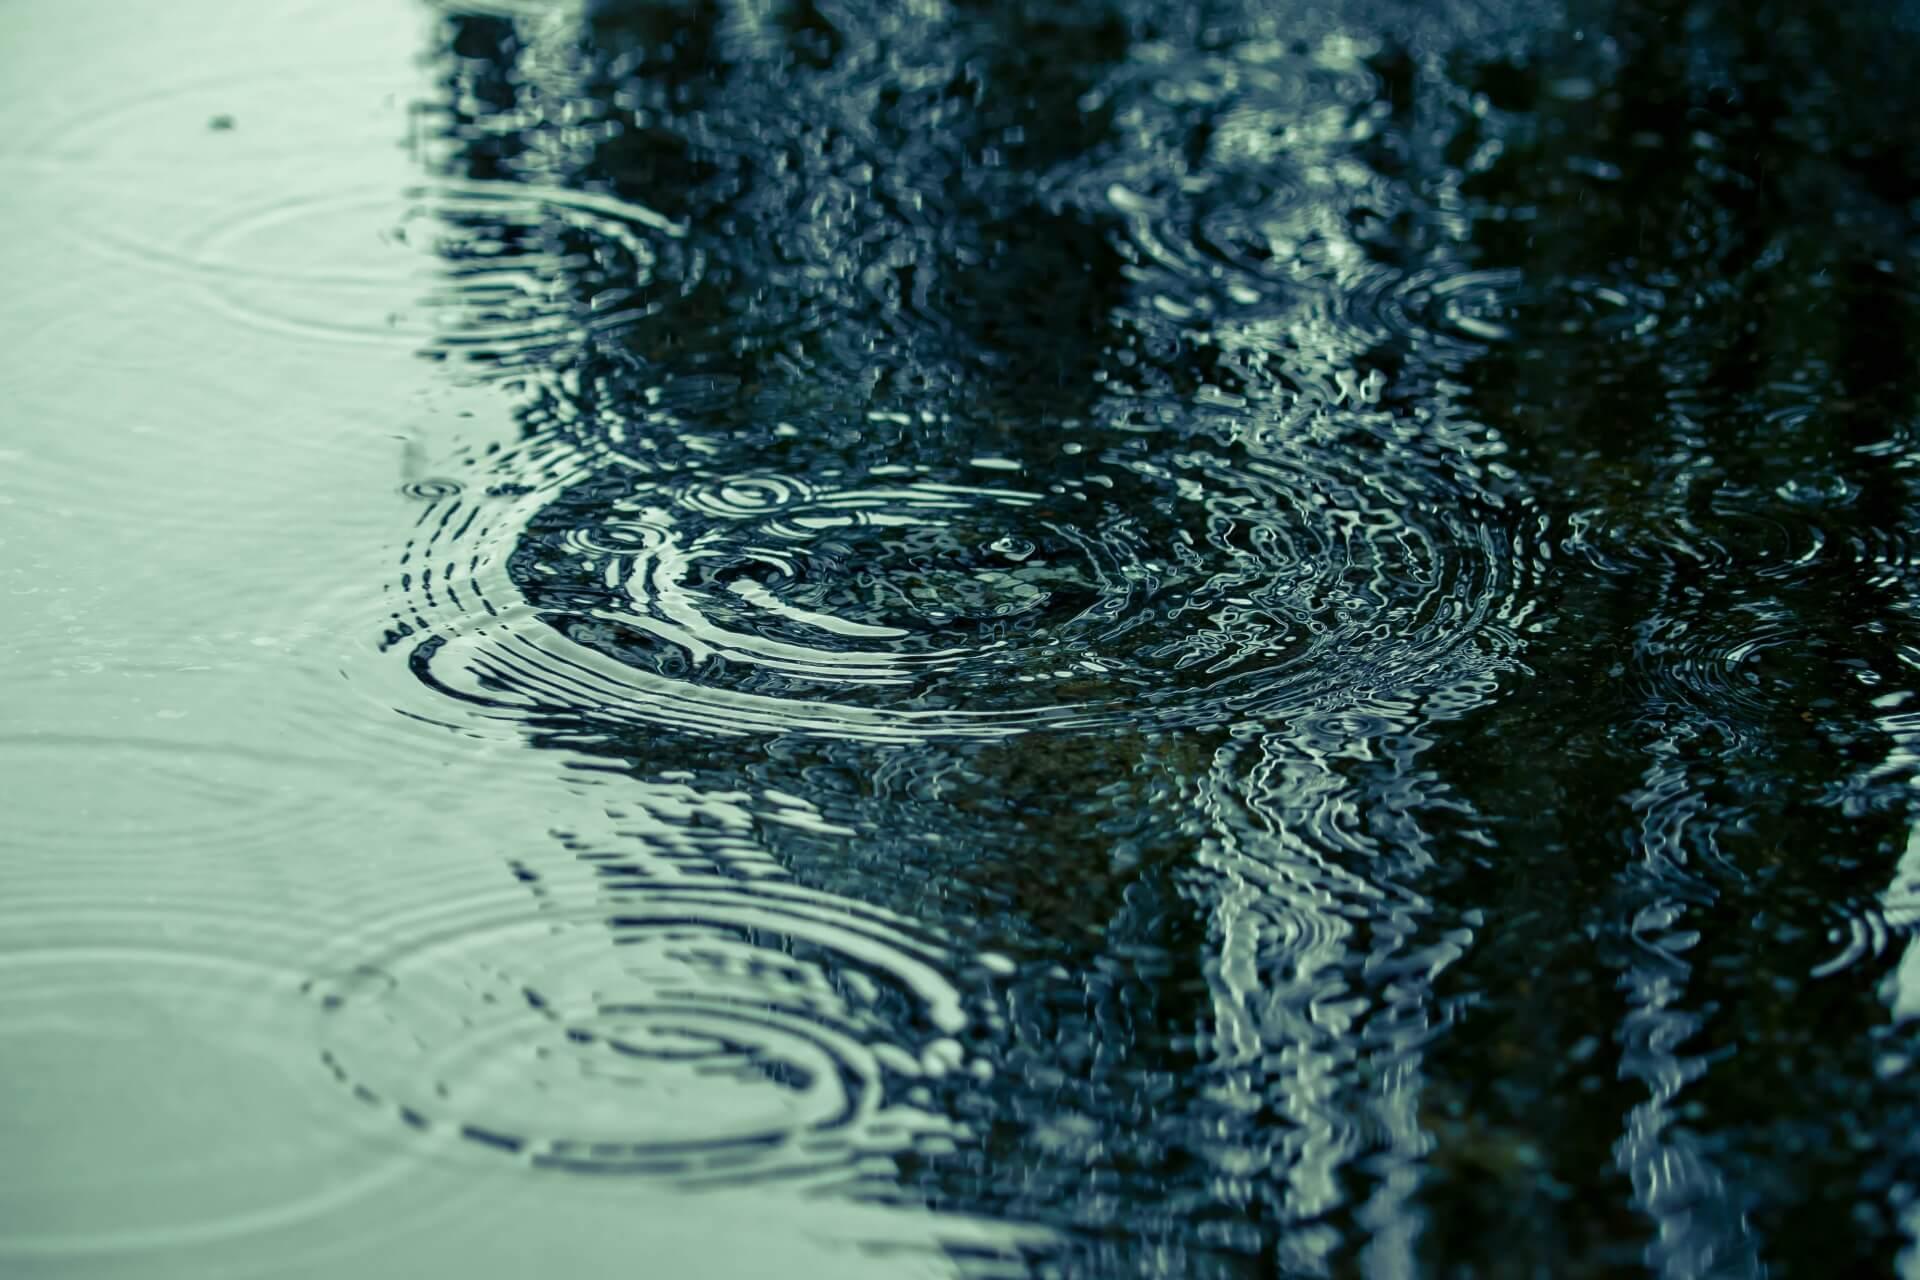 釣りをしたいけど雨…雨の日の釣りって実際どうなの?で工夫したいポイント等をご紹介します!